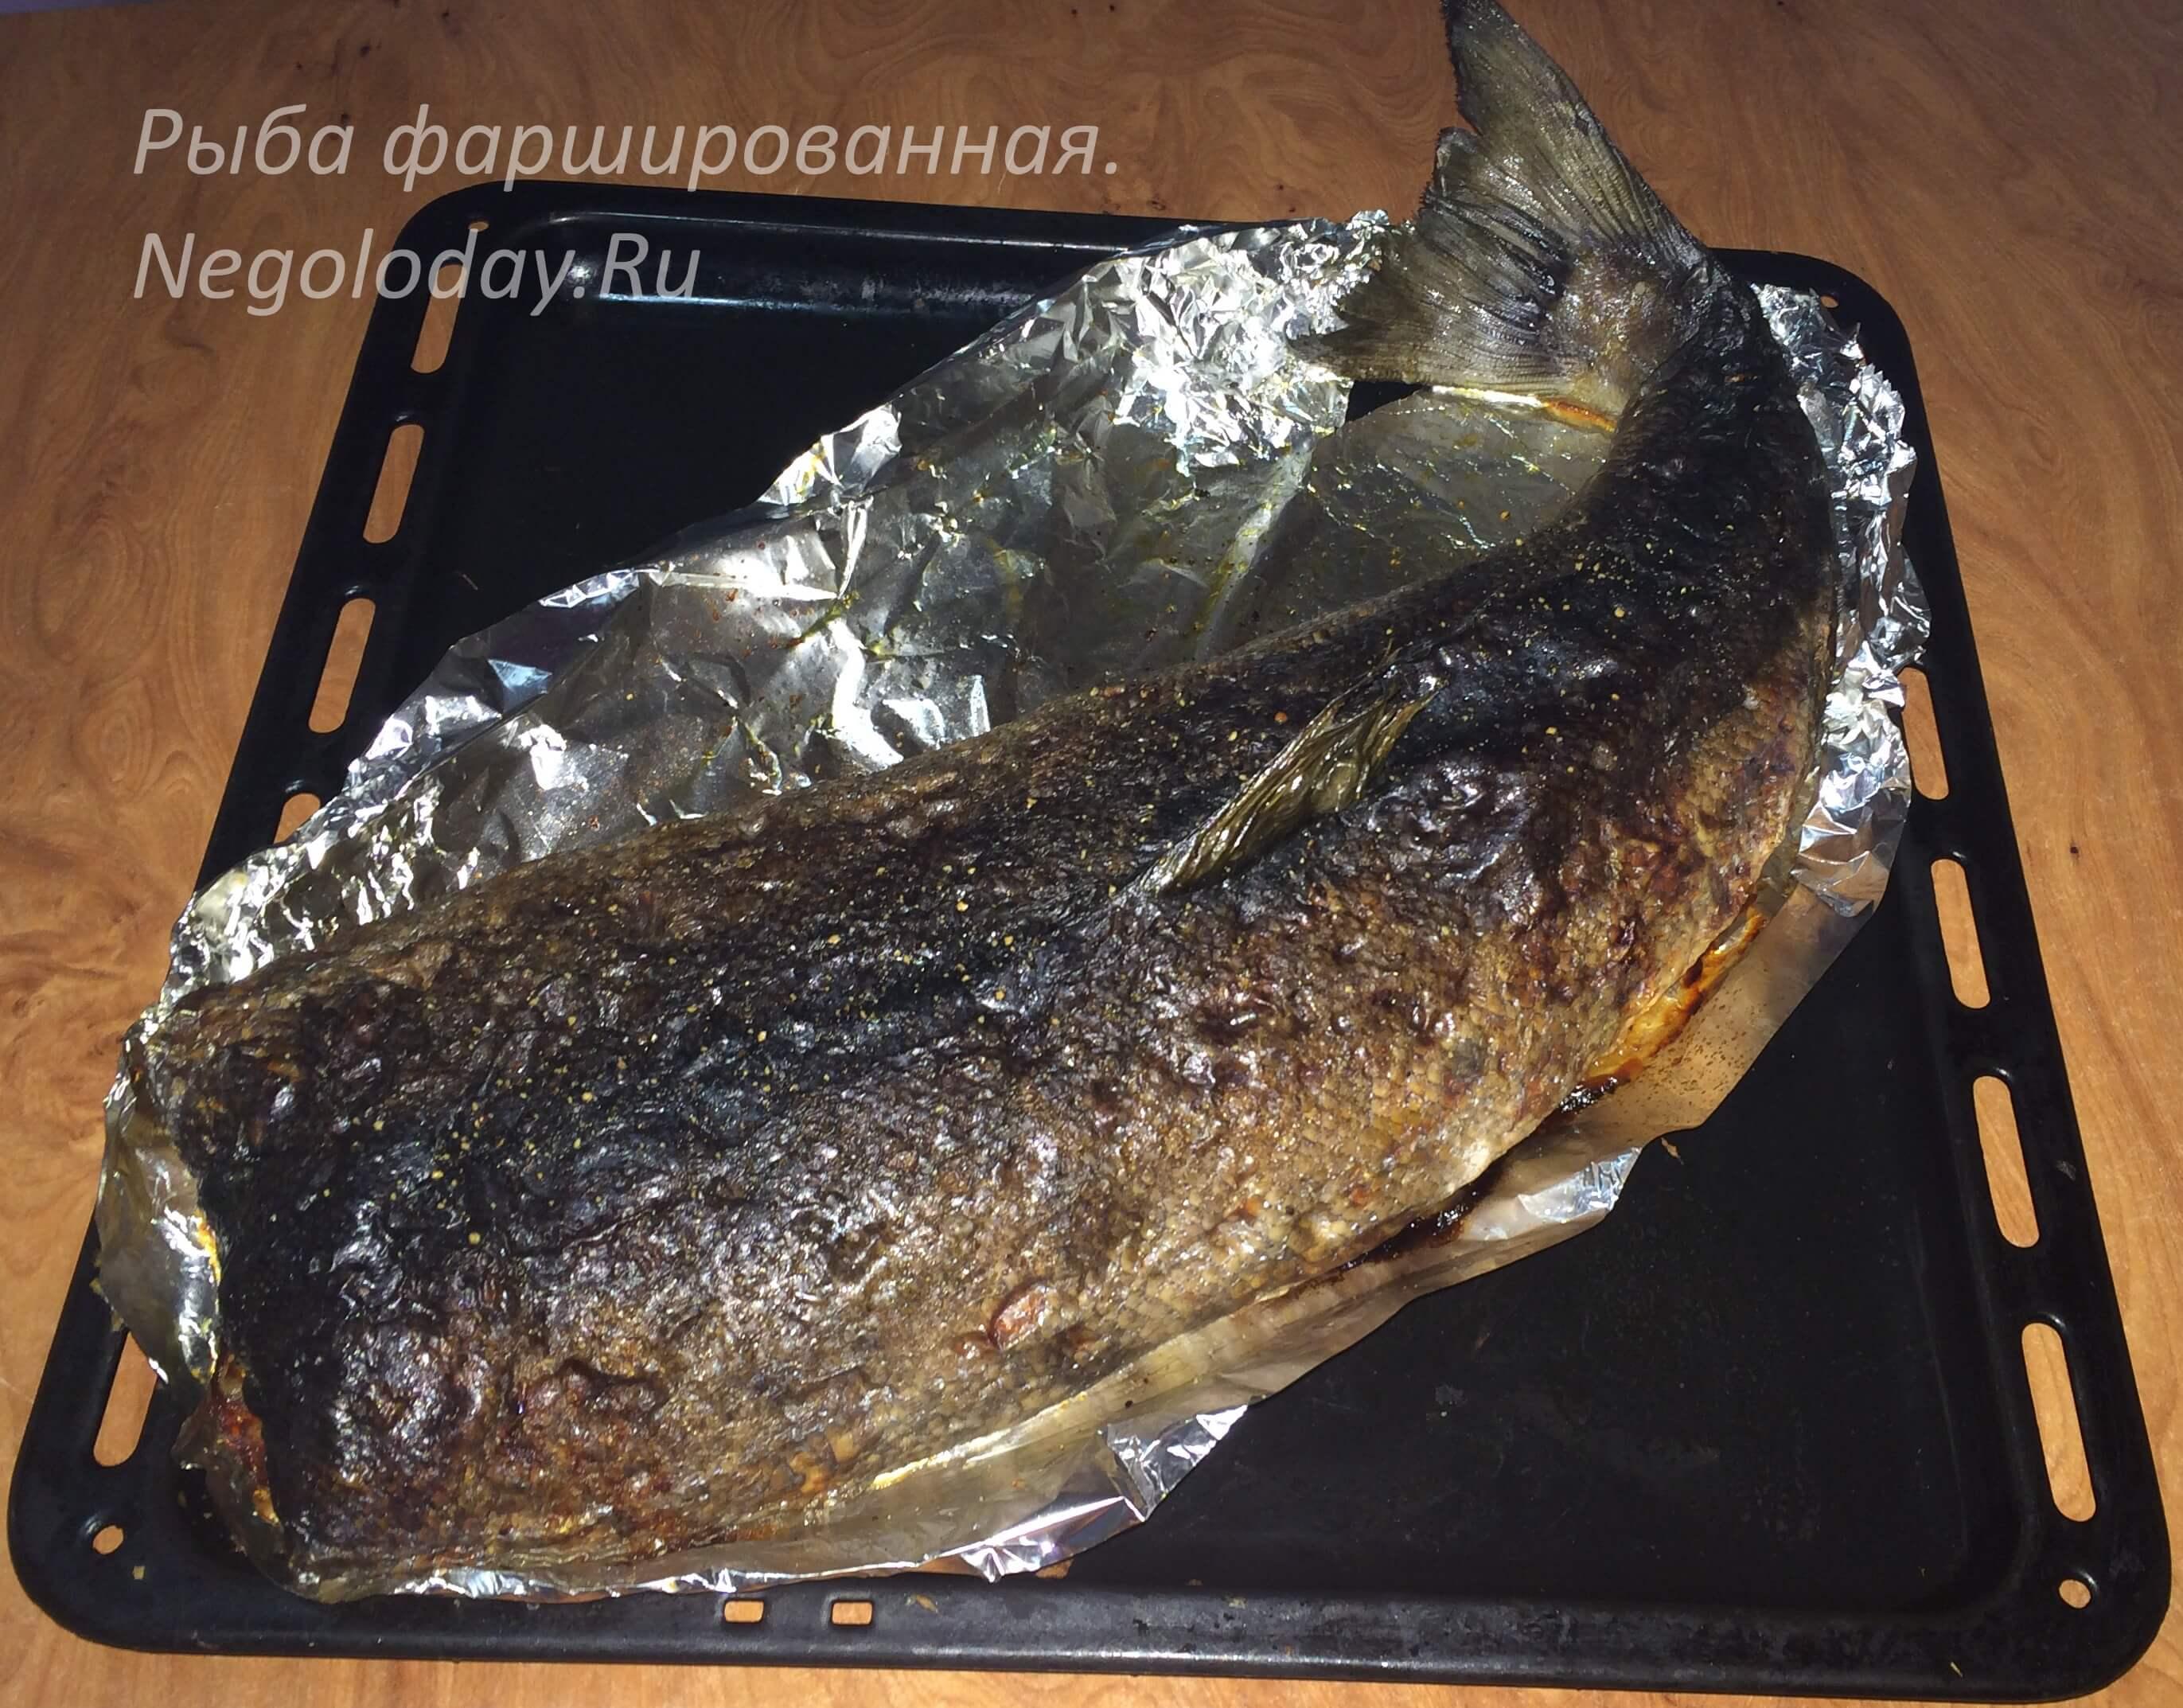 Что приготовить на романтический ужин? Рыба фаршированная не даст вам уснуть!